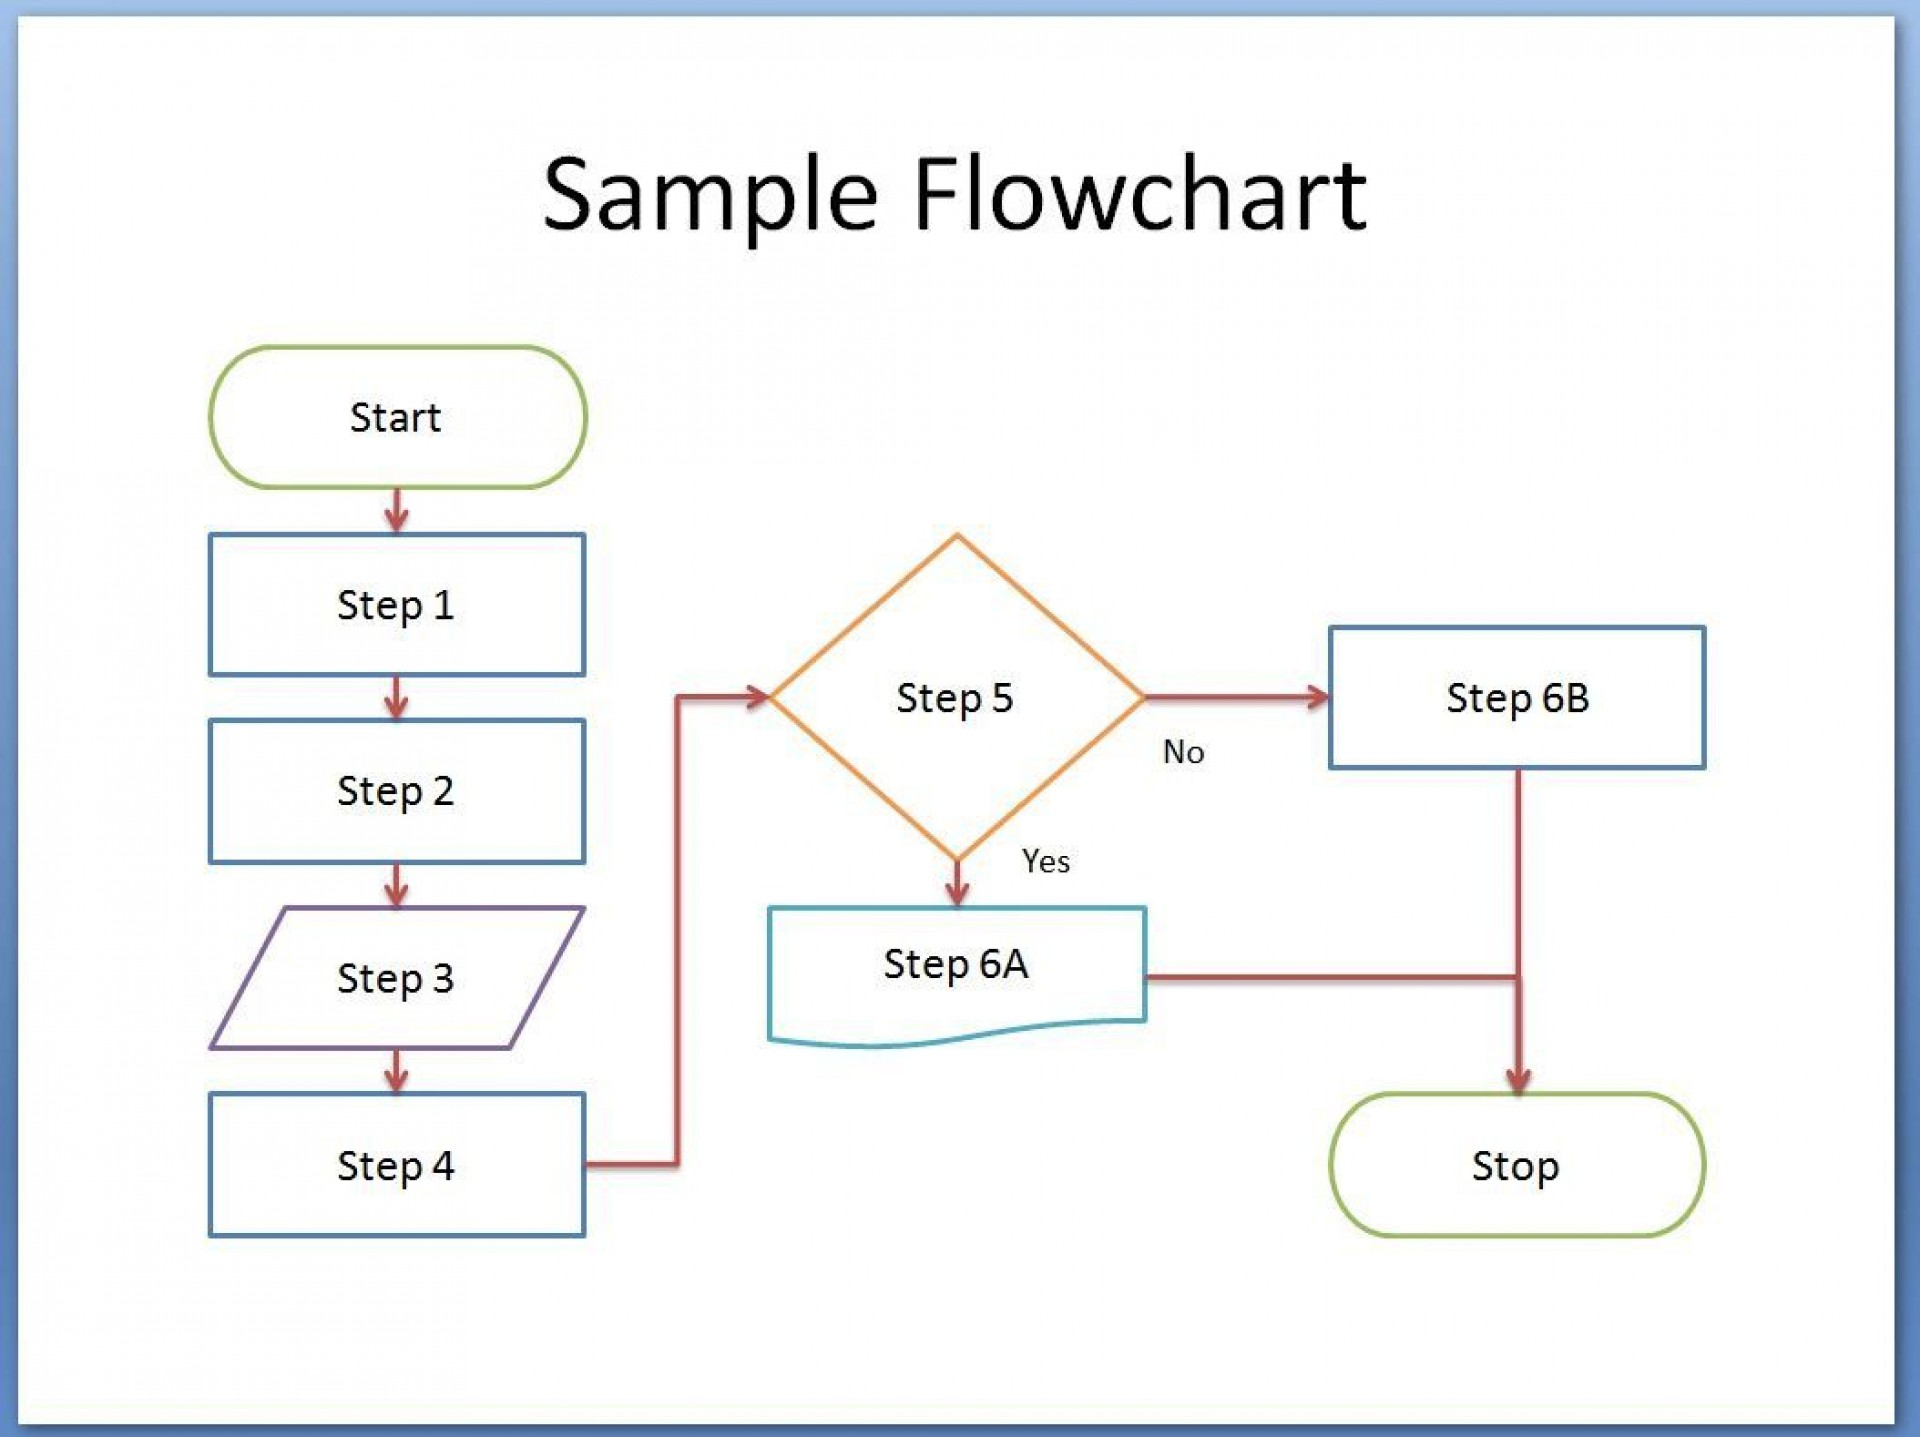 000 Unique Proces Flow Chart Template Excel Download Picture  Free1920